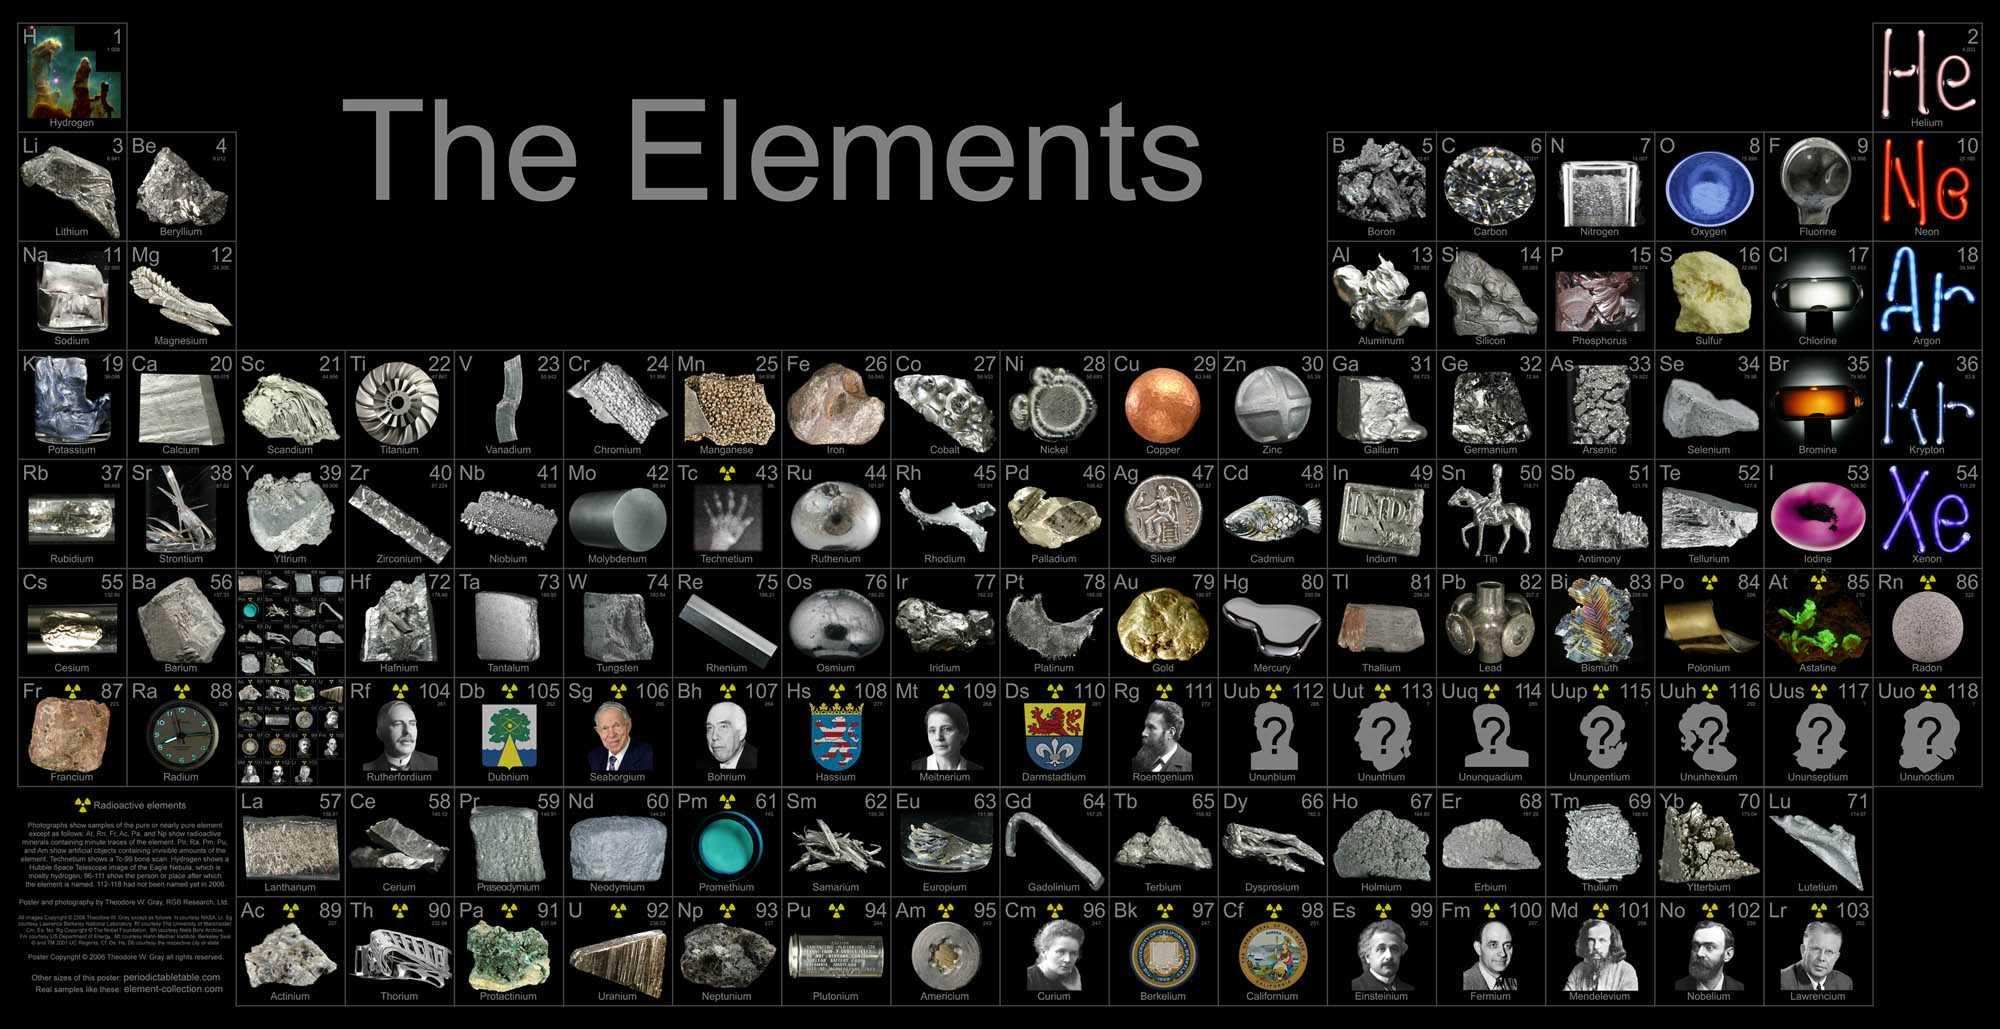 Таблица Менделеева. Периодическая система химических элементов Д.И.Менделеева